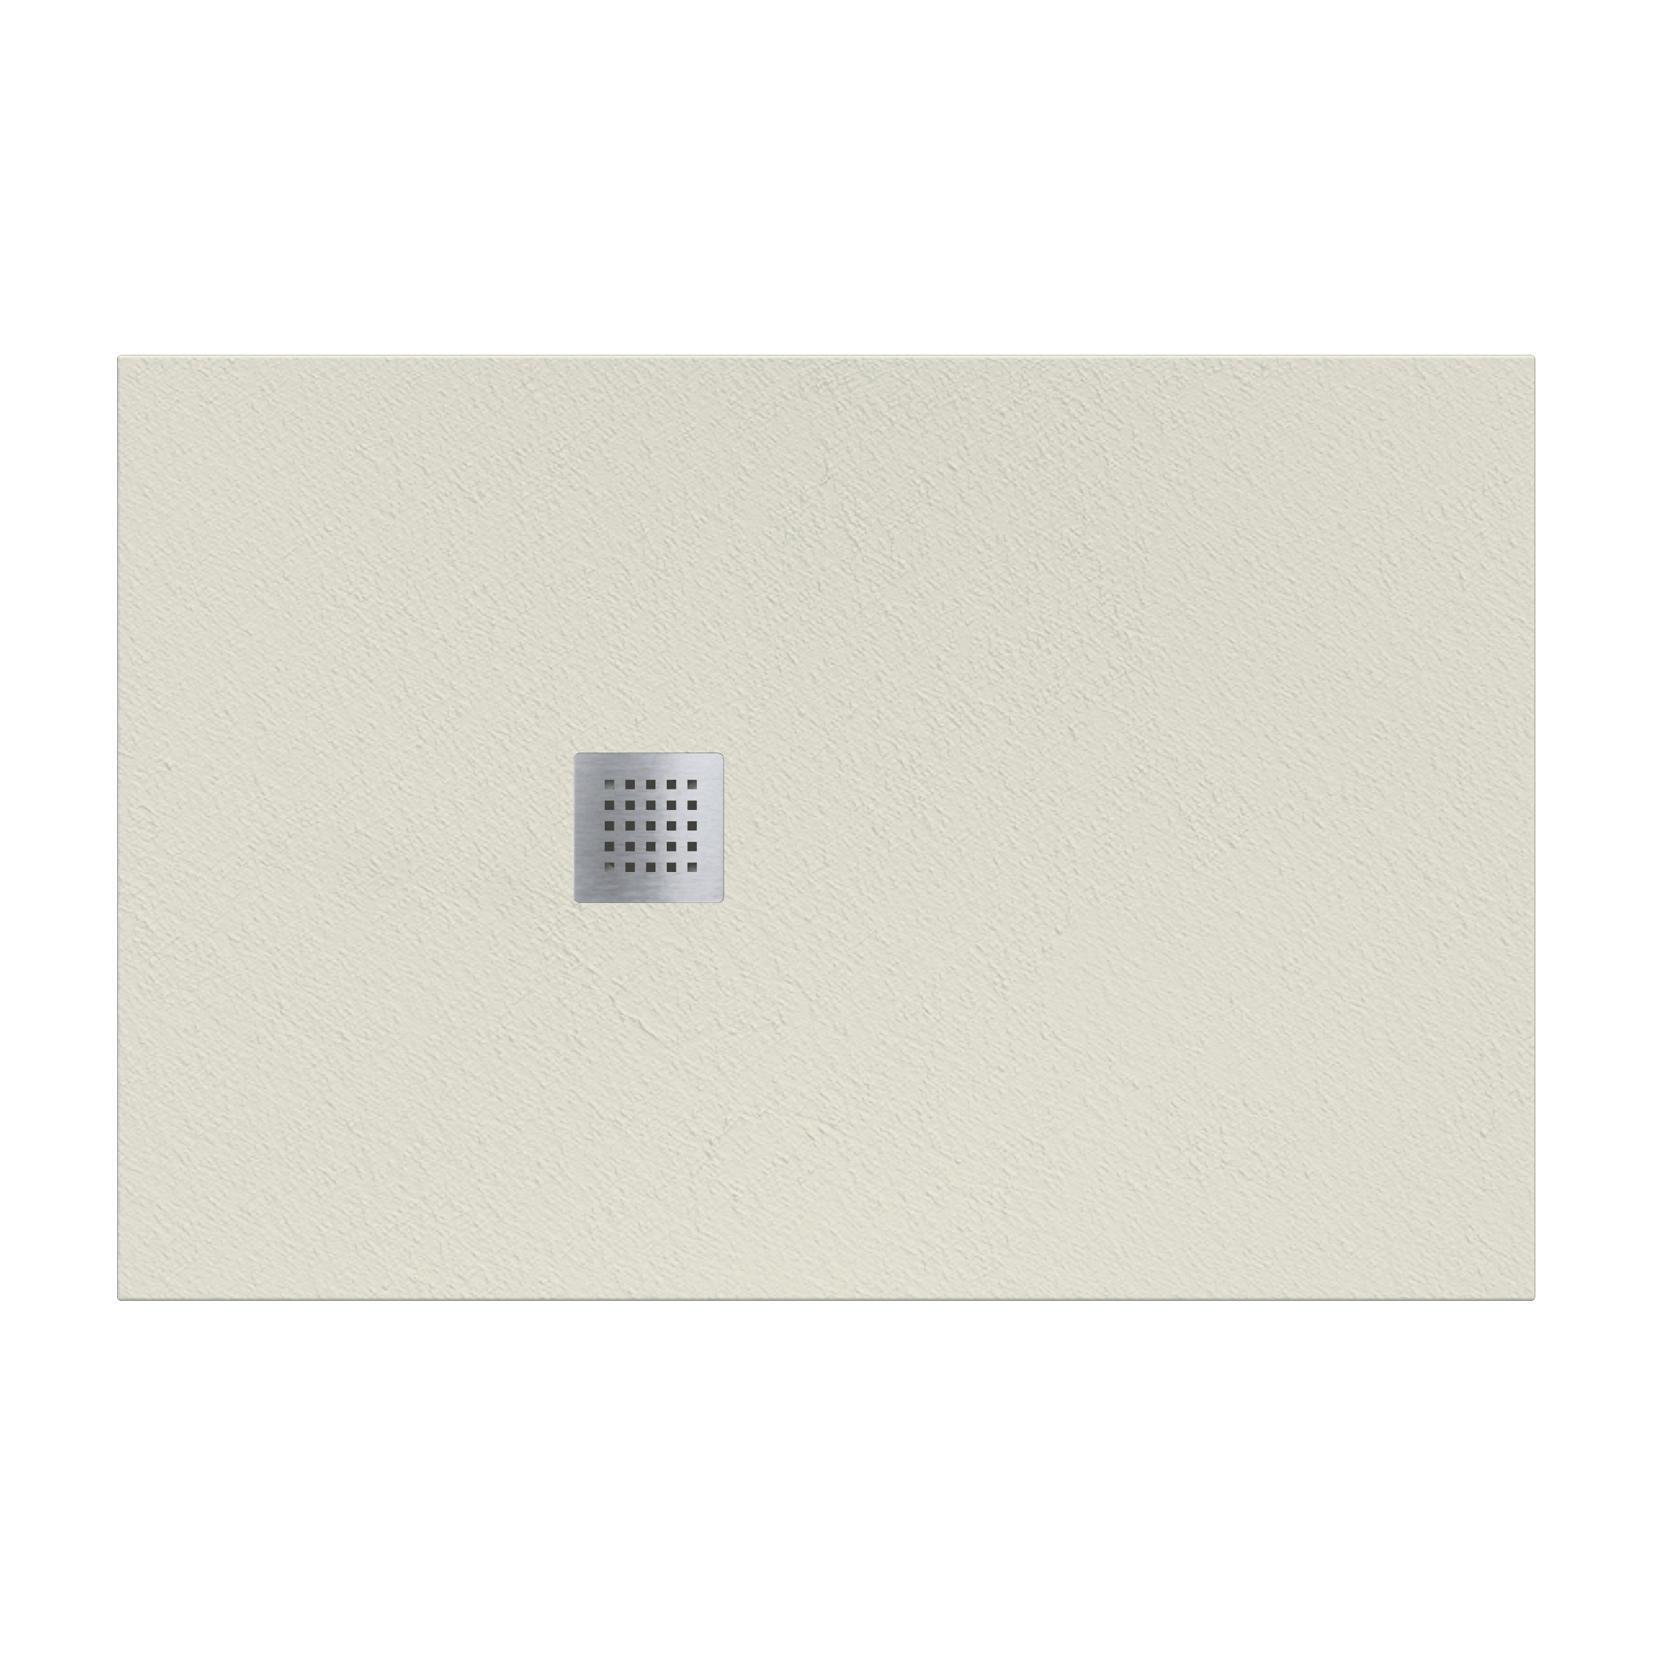 Piatto doccia resina Strato 180 x 80 cm crema - 2